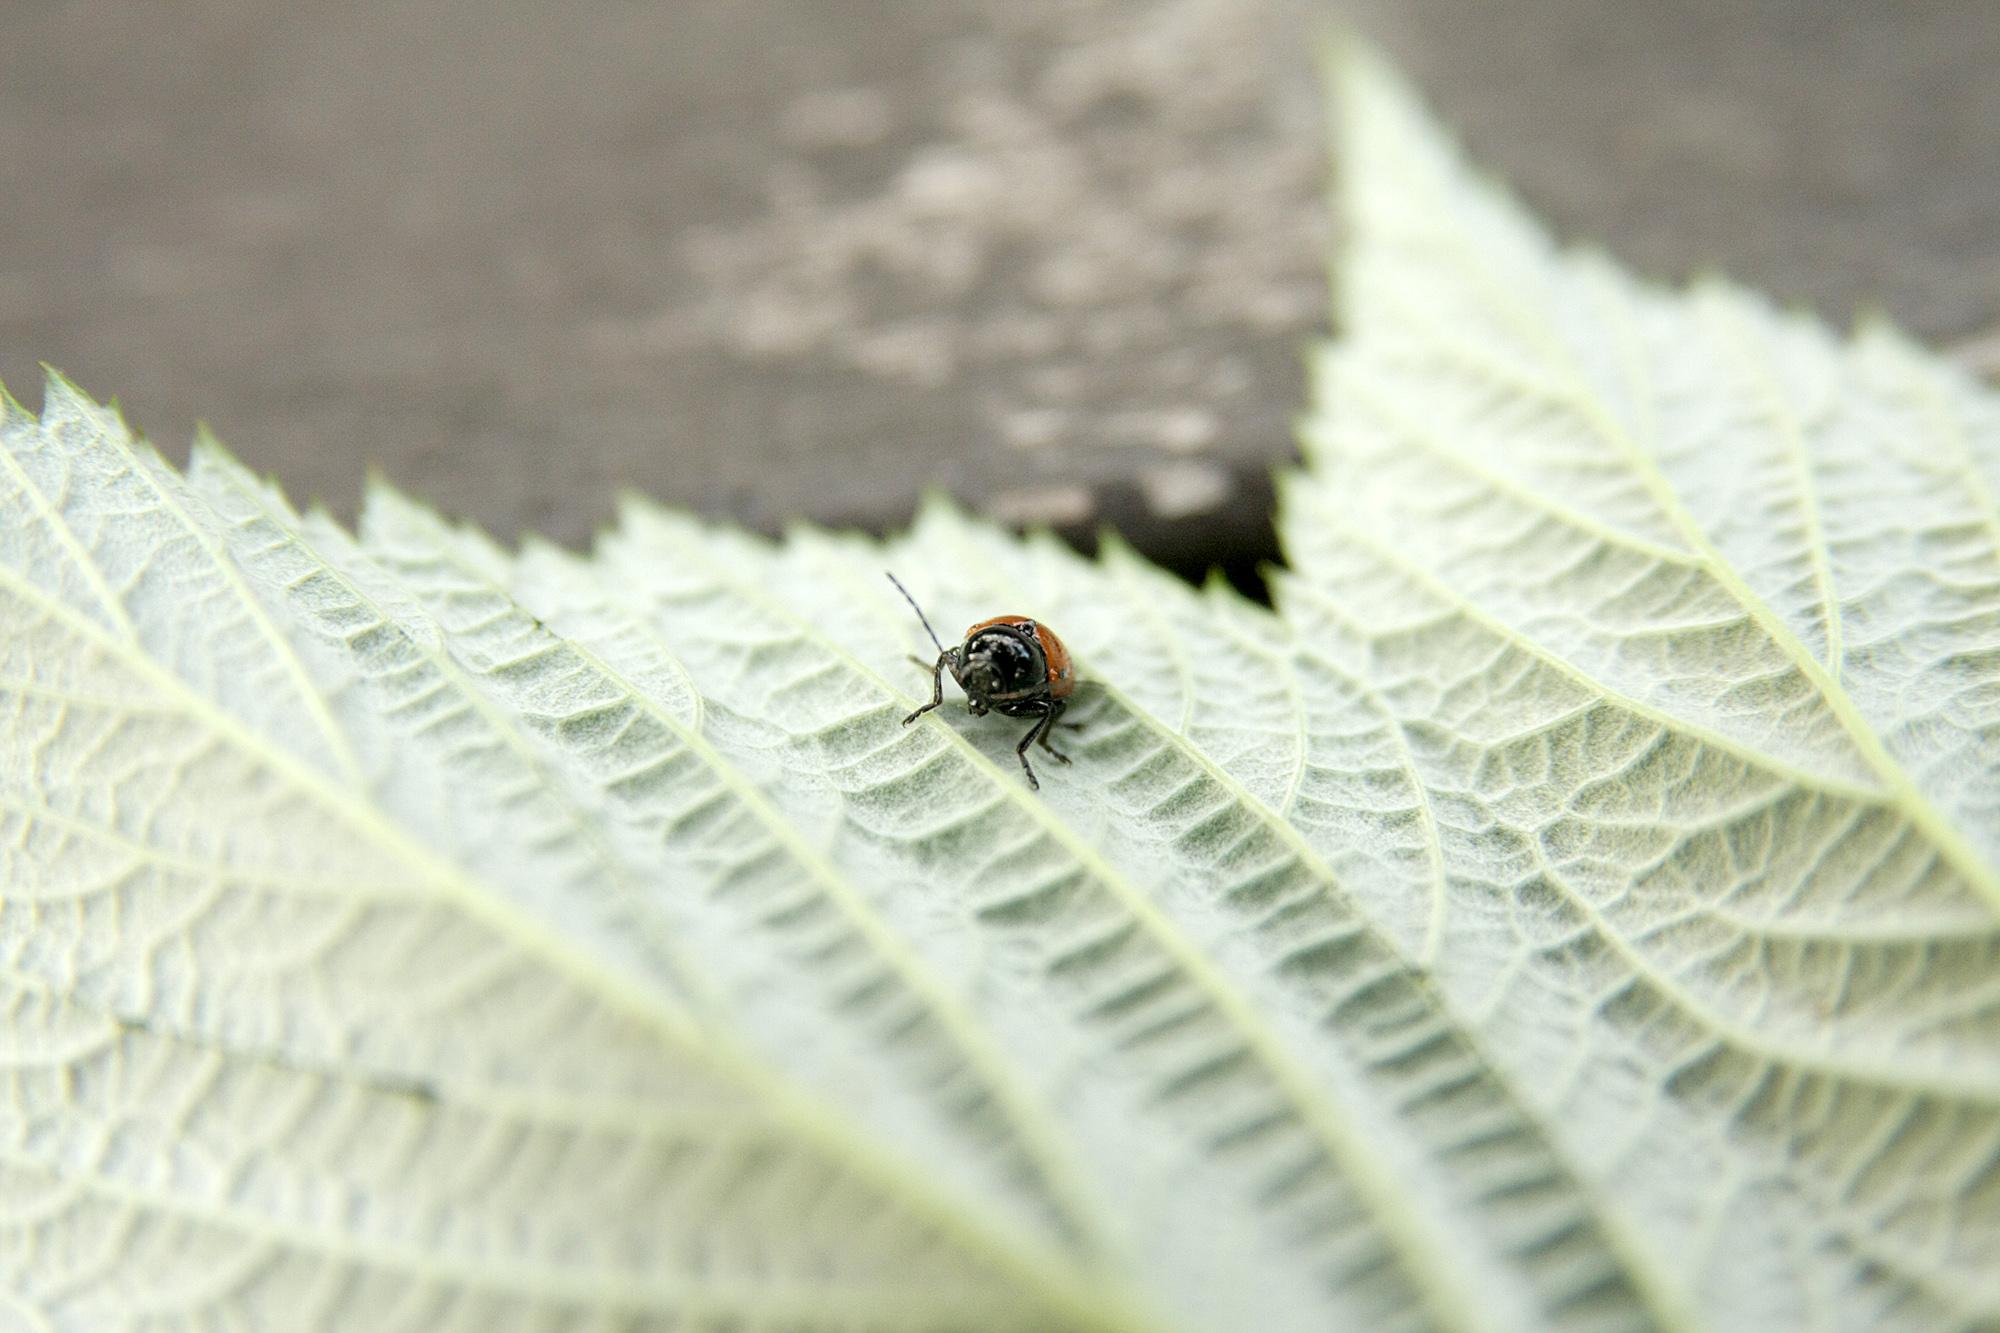 Скрытоглав двуточечный (Cryptocephalus bipunctatus). Фото: Андрей Помидорров. Снято в Краснодаре